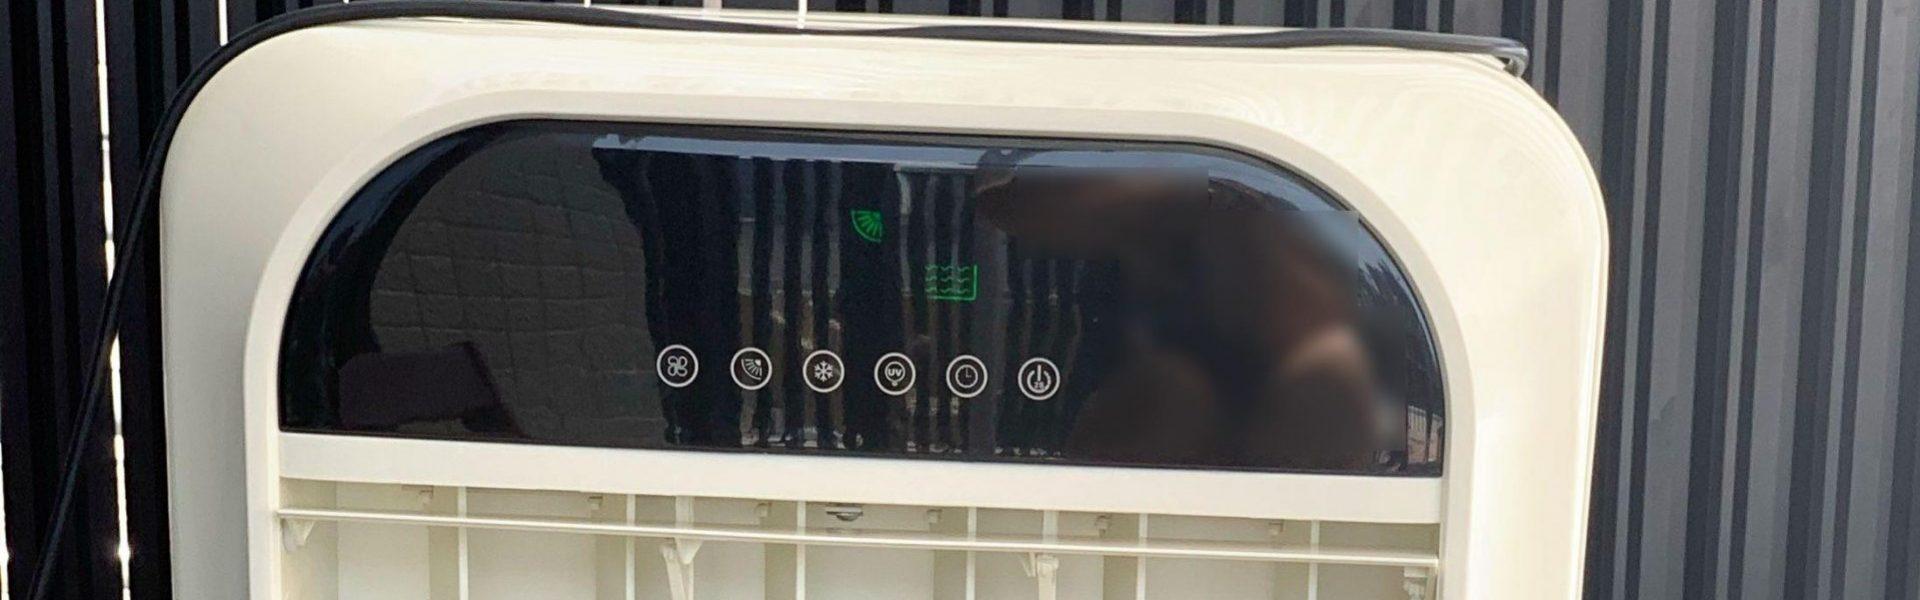 屋外用冷房(クーラー)が超快適!屋上(ルーフテラス/ルーフバルコニー)遊びやテレワークにぴったりなパワフル冷風機(ワキタ WAKITA MEIHO MPR45)